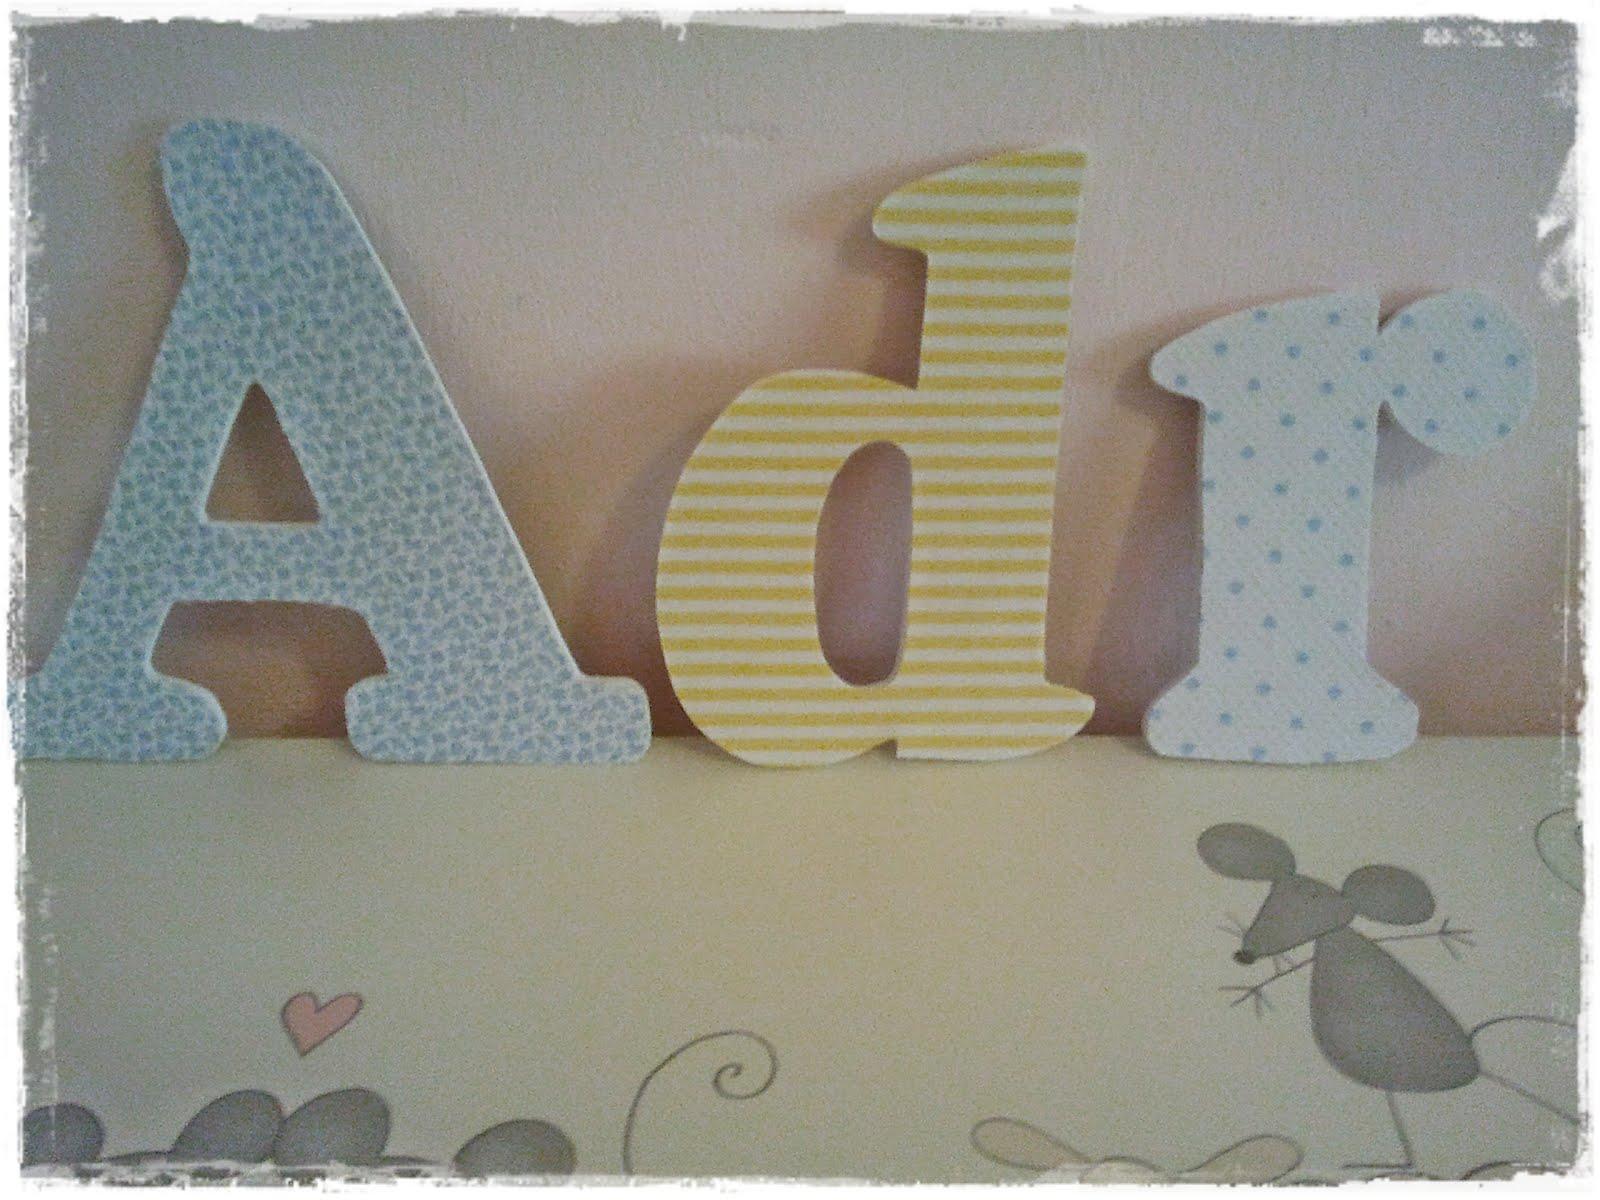 Qu de cucadas letras de pared para adriana - Letras para pared ...